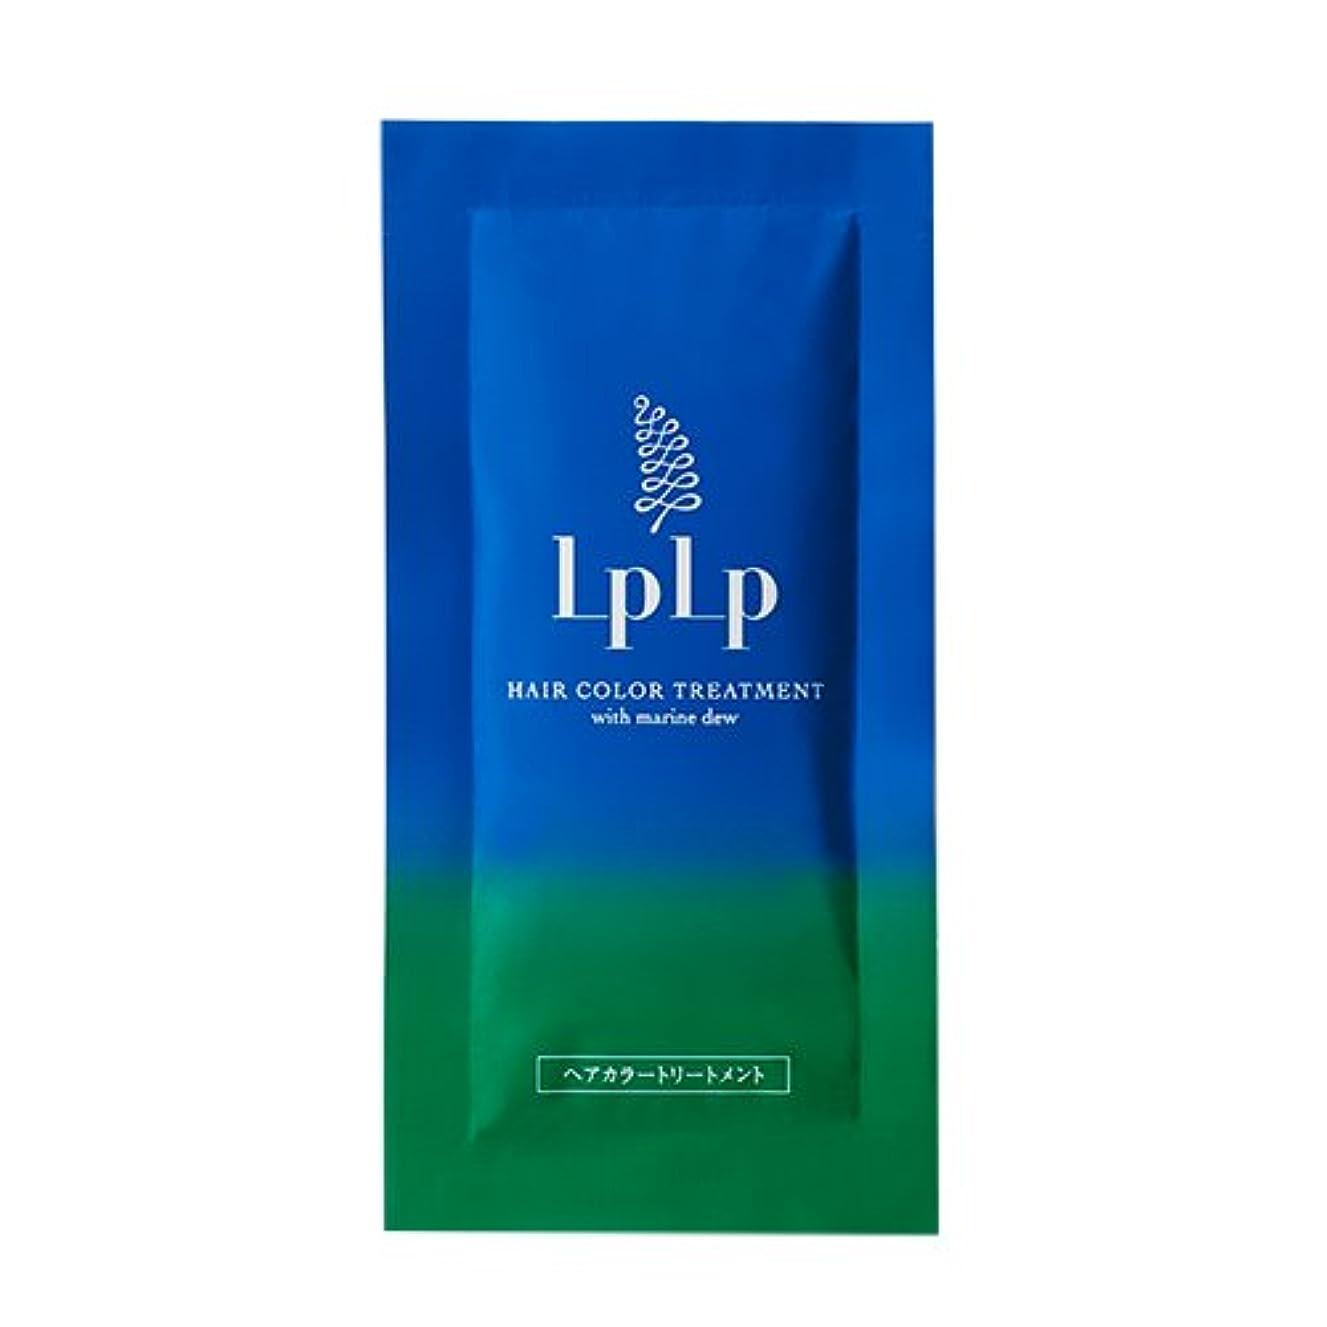 刈り取る打ち負かす王女LPLP(ルプルプ)ヘアカラートリートメントお試しパウチ ダークブラウン